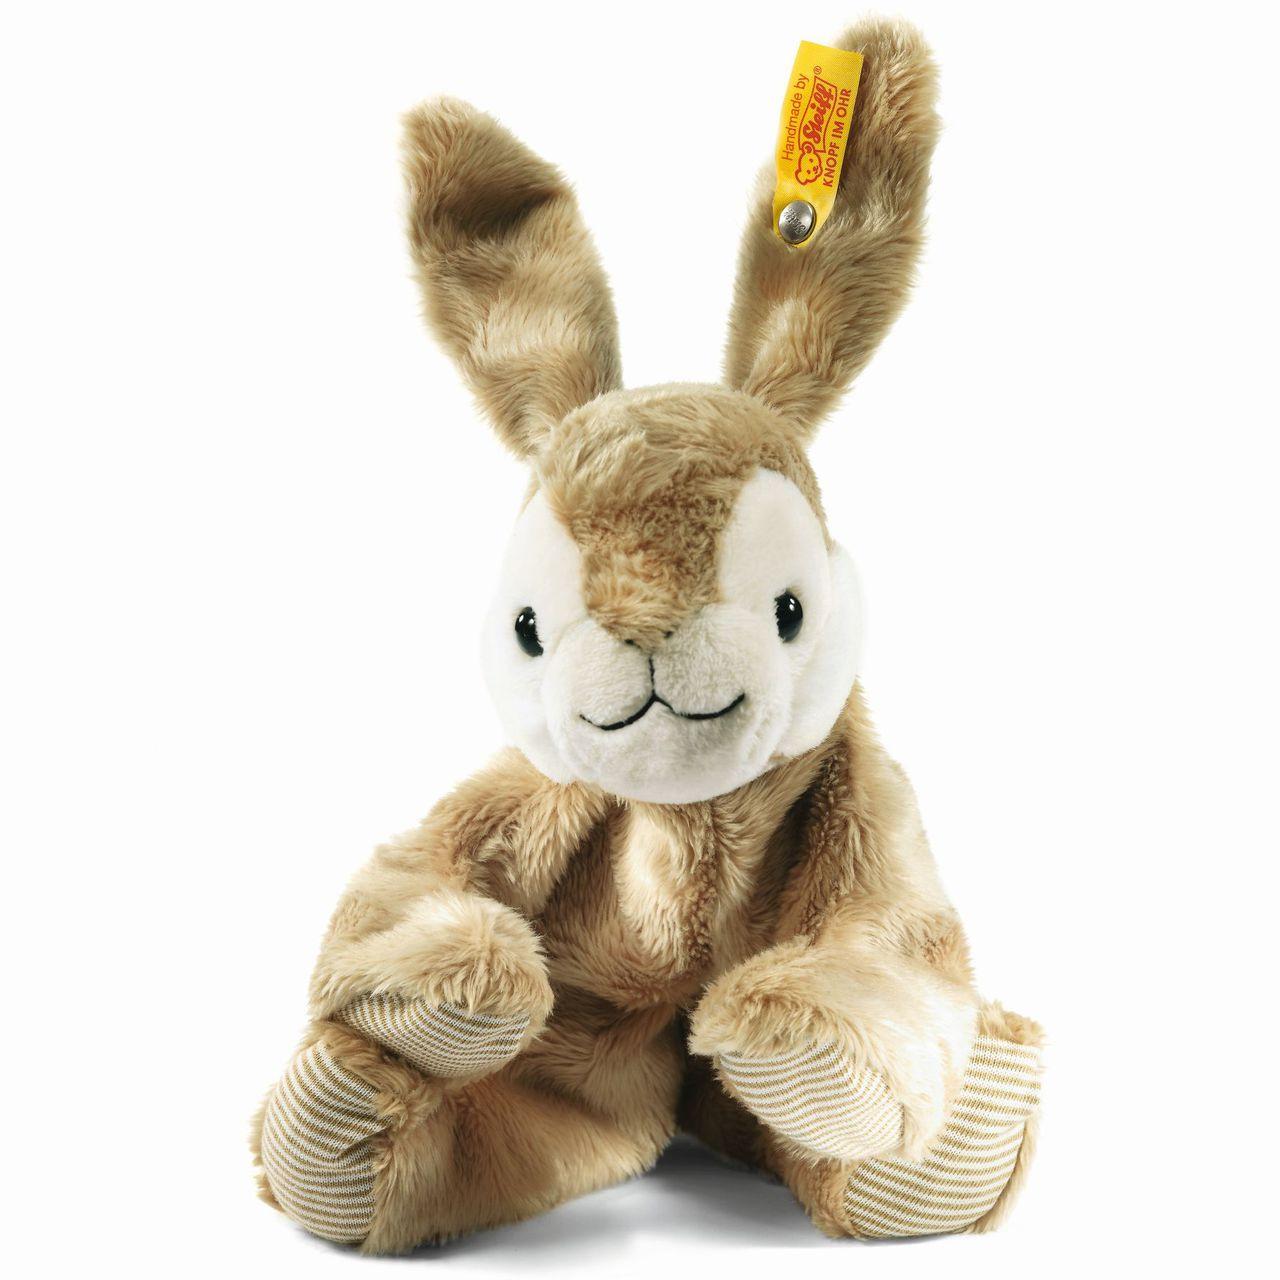 Stuffed Animals Rabbit Little Floppy Hoppy Steiff Ean 281273